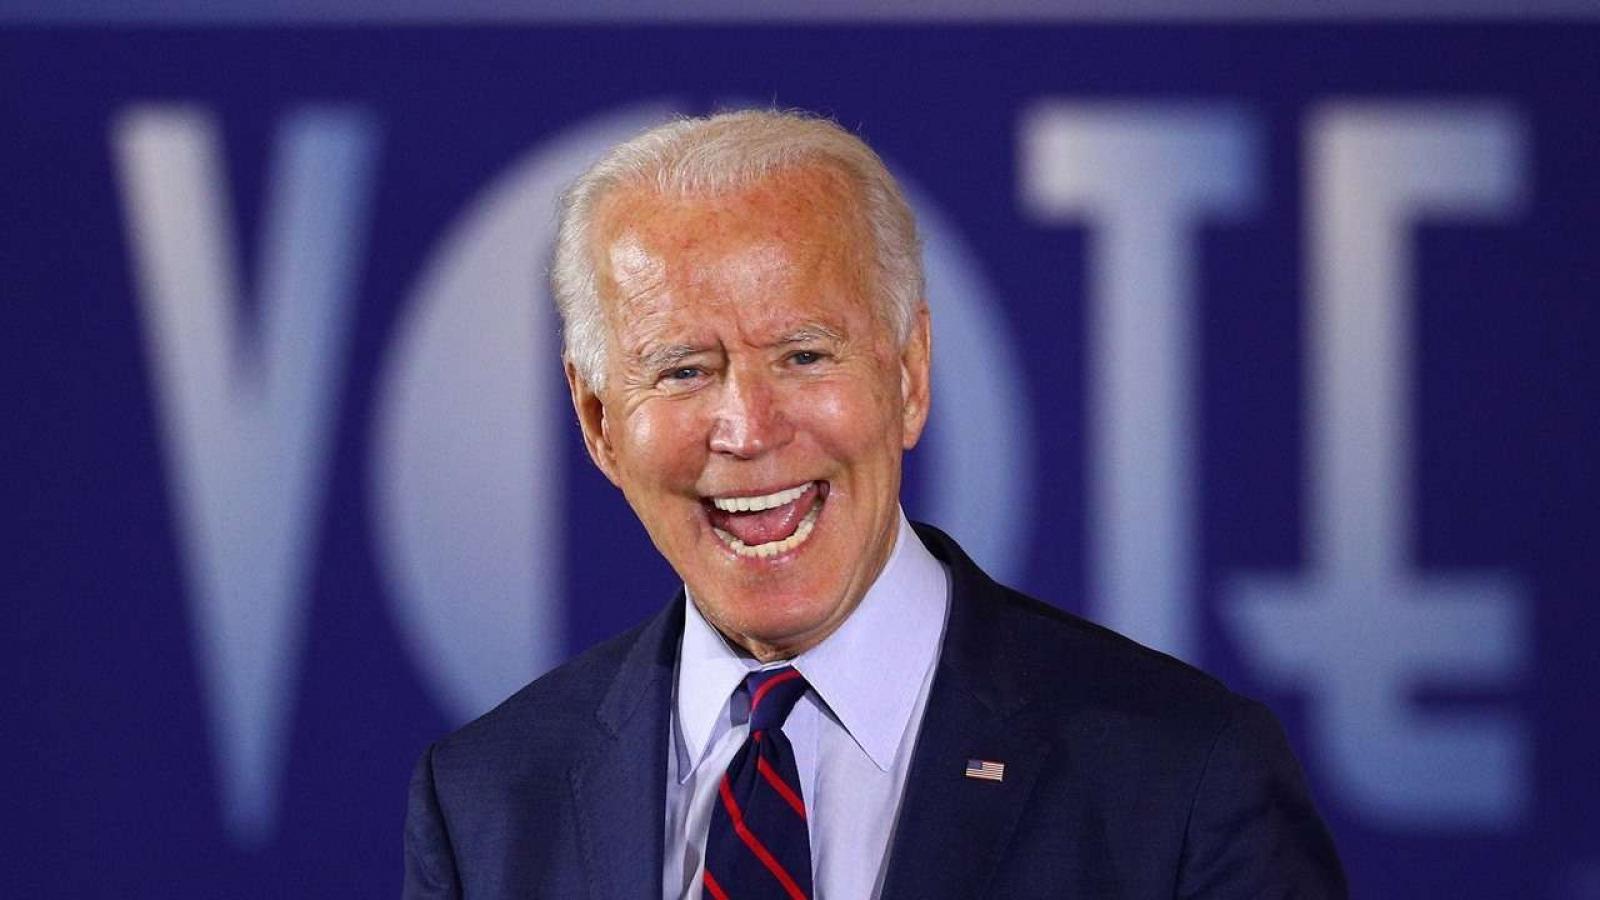 Toàn văn bài phát biểu đầu tiên của ông Biden sau khi đắc cử Tổng thống Mỹ thứ 46